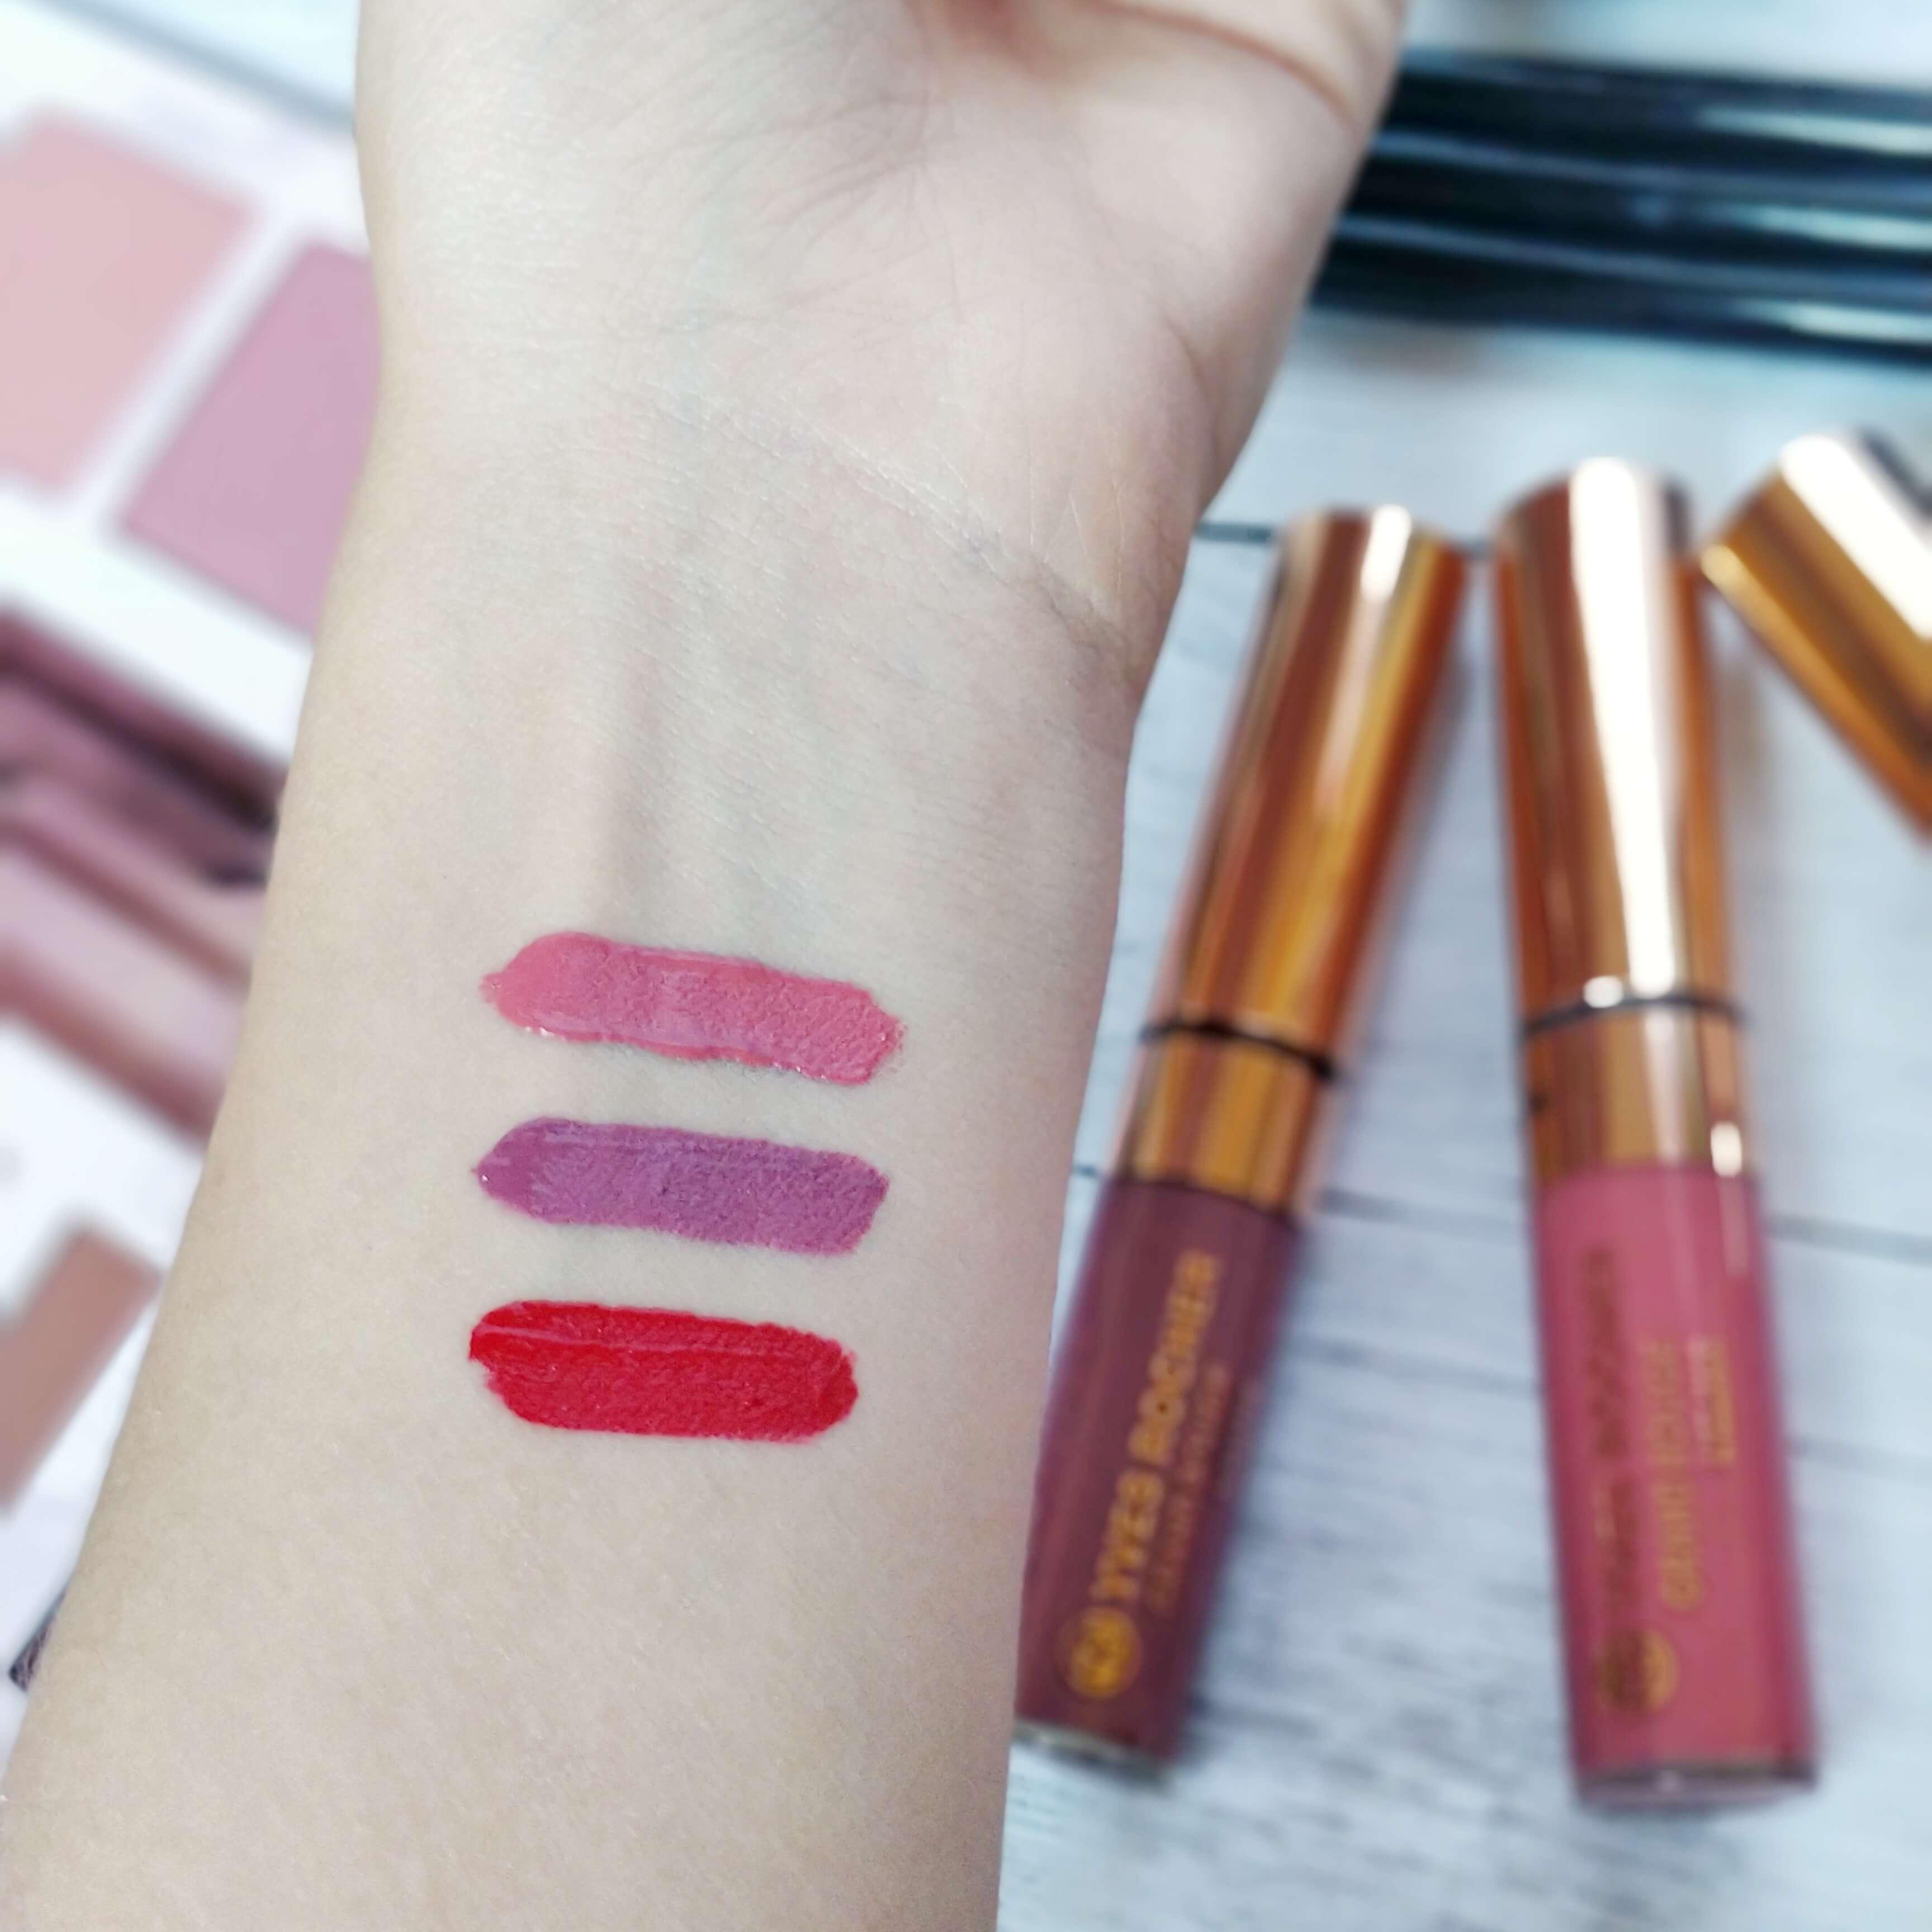 rouge à lèvres grand rouge yves rocher swatch - Je teste une quarantaine de rouges à lèvres liquides !